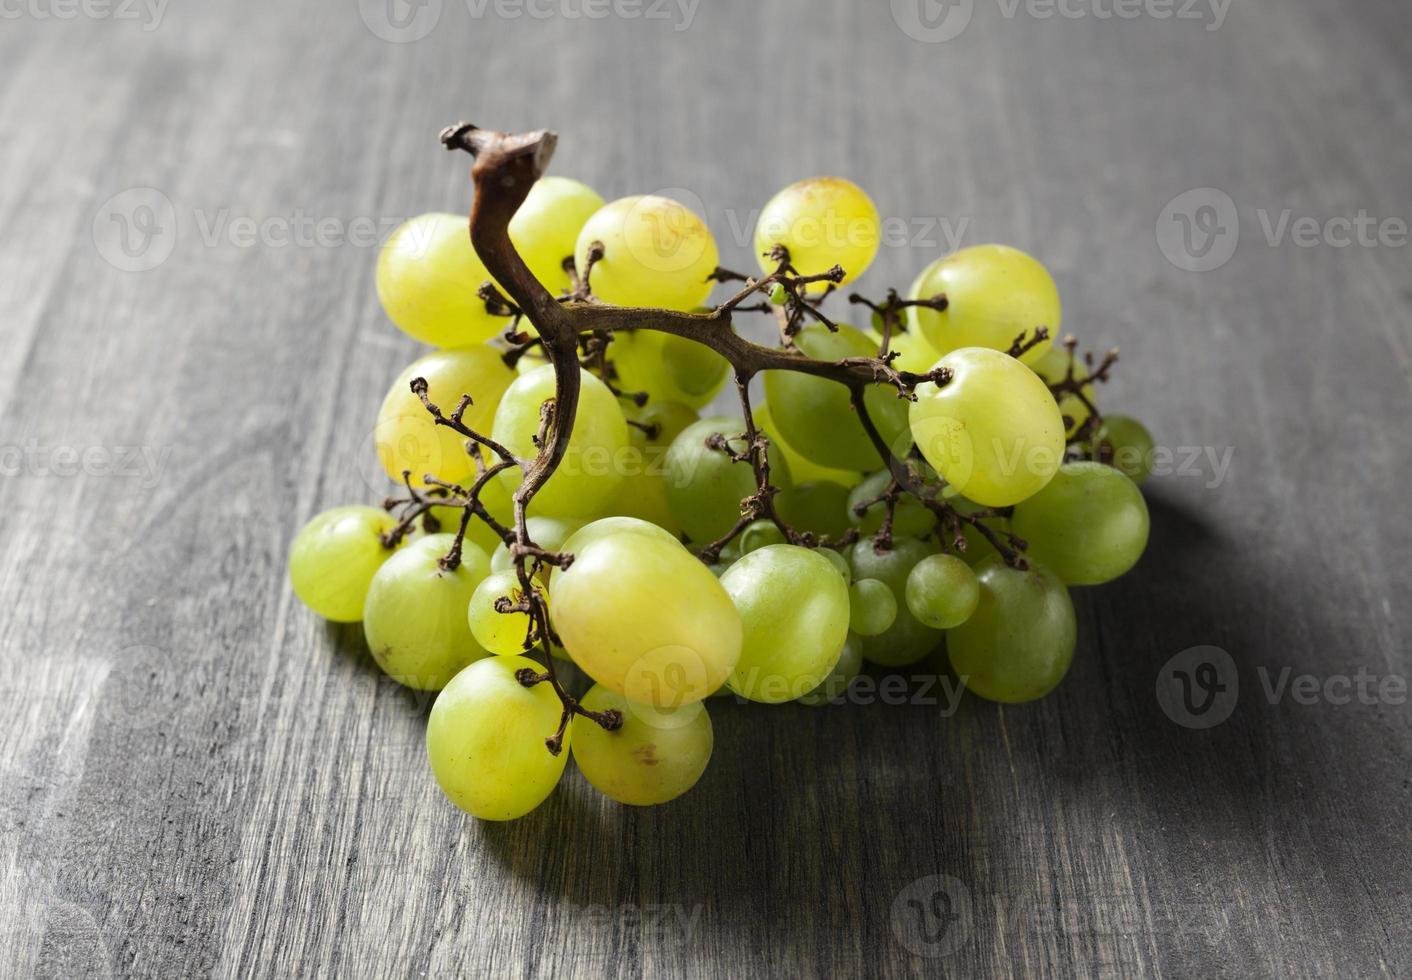 uva verde em uma mesa de madeira foto